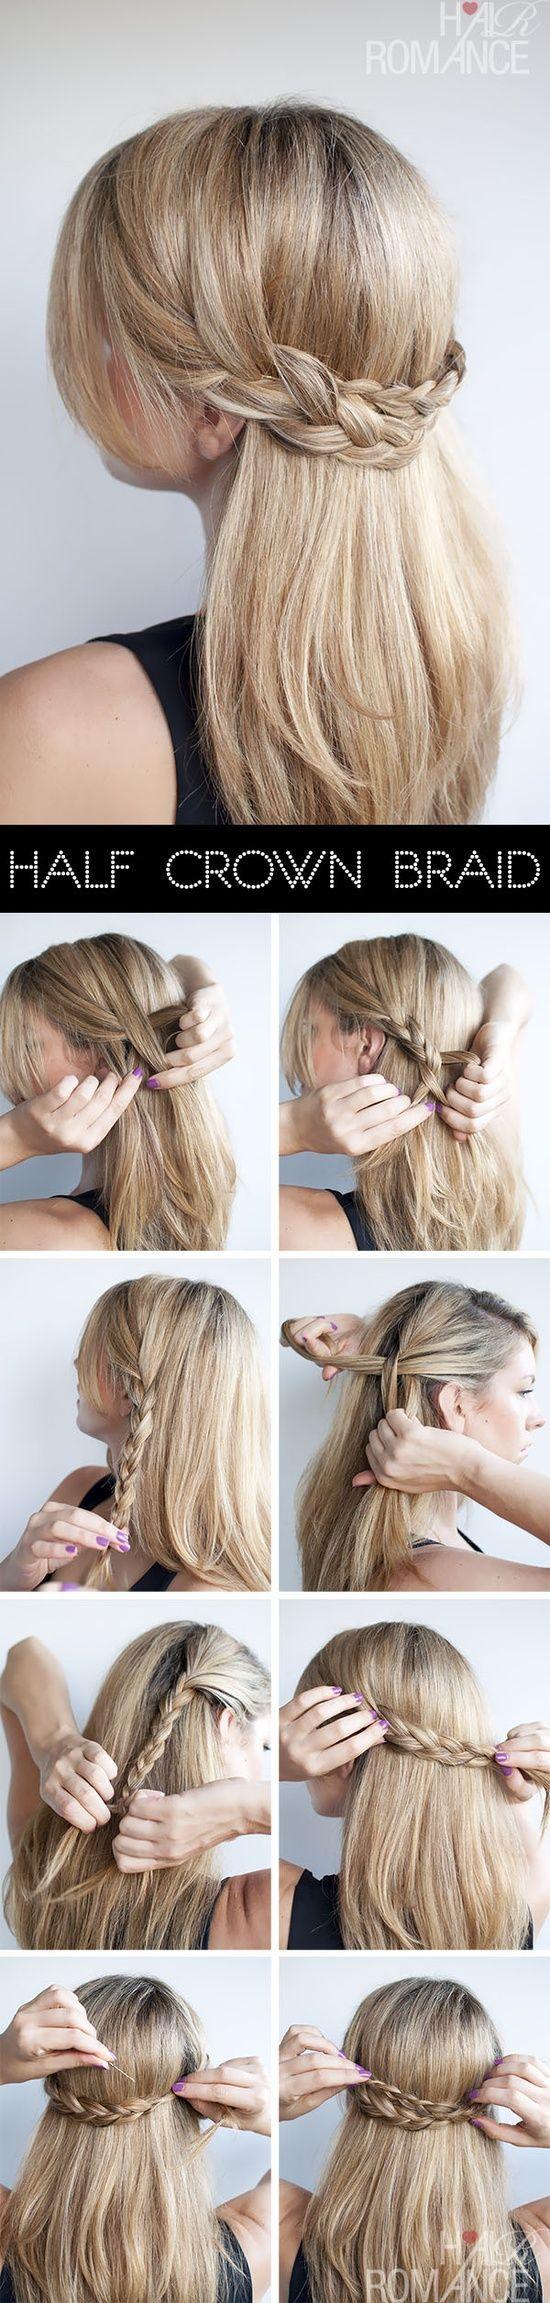 Trenzas con el pelo suelto, de un extremo a otro.                                                                                                                                                                                 Más